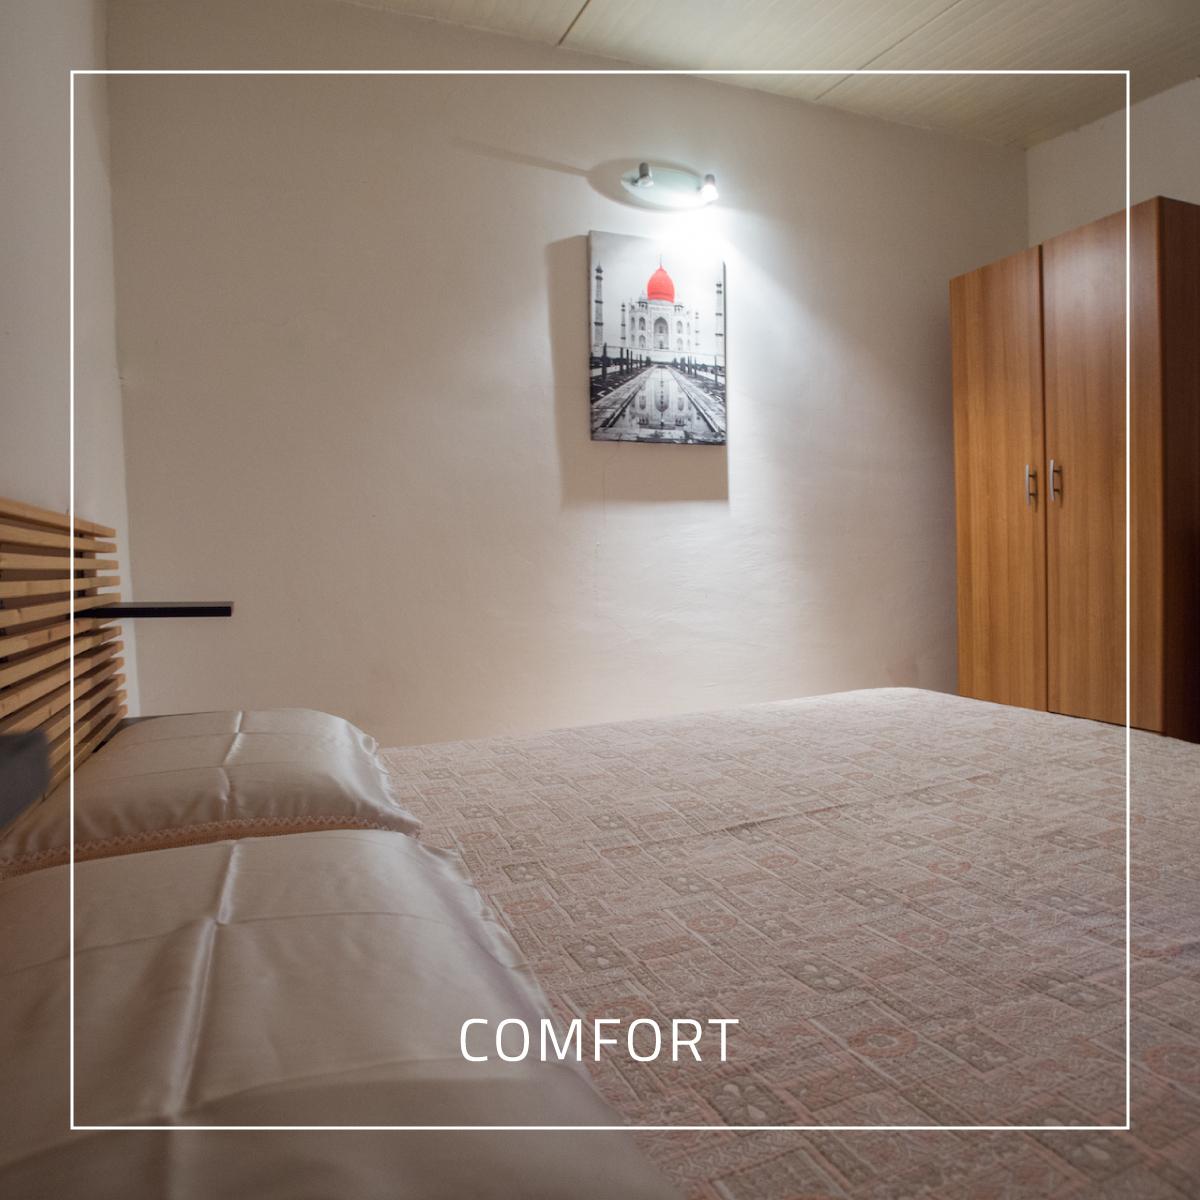 Il comfort delle stanze attraverso la foto di un comodo letto